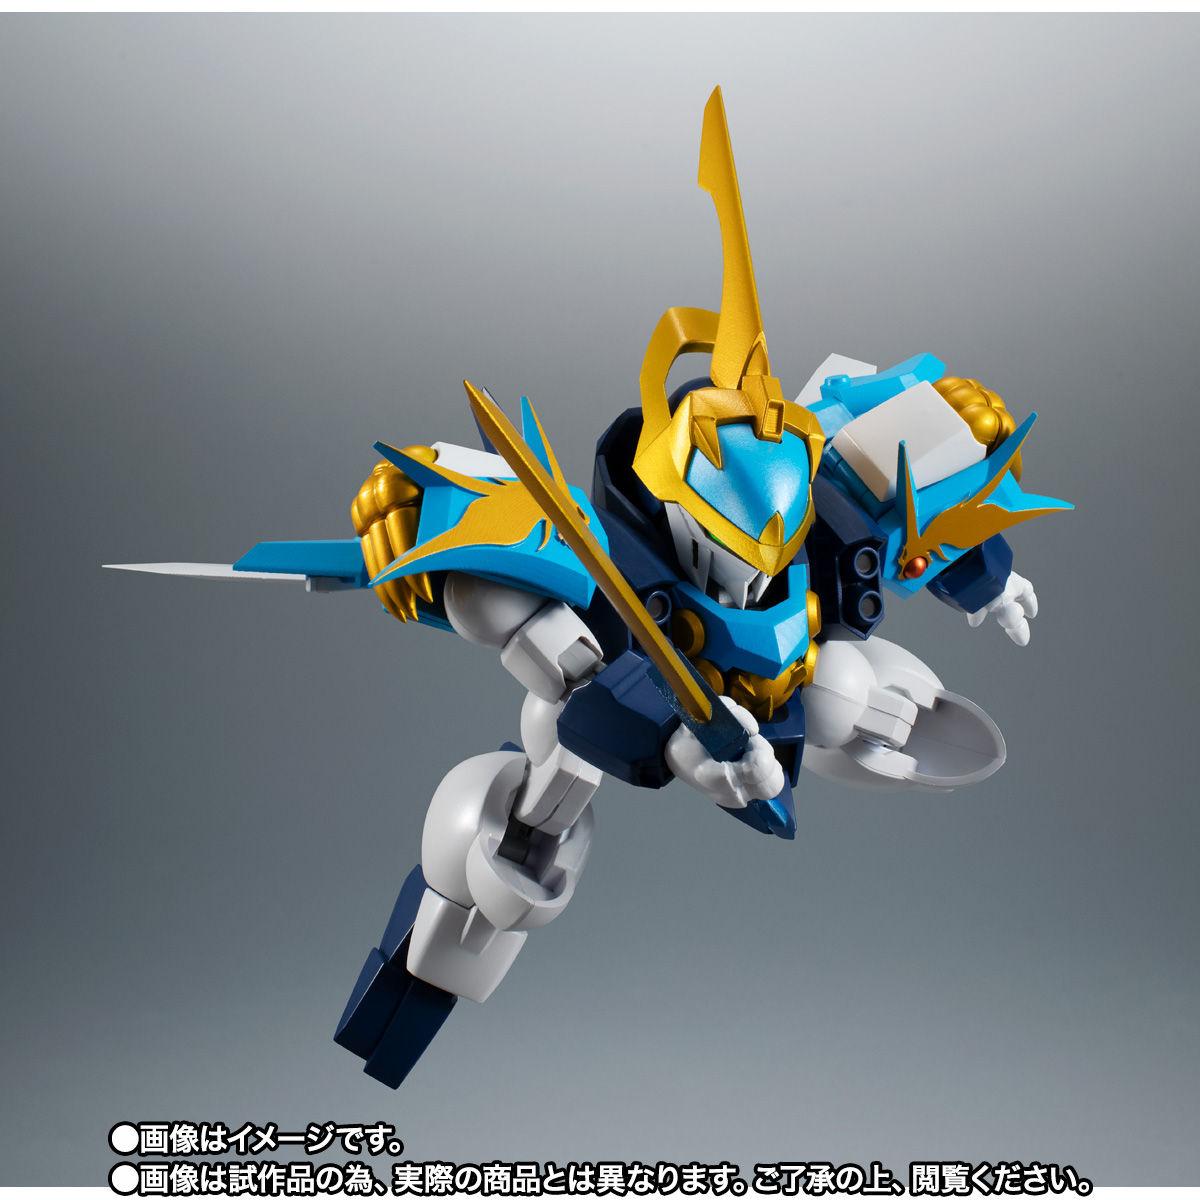 【限定販売】ROBOT魂〈SIDE MASHIN〉『龍蒼丸』魔神英雄伝ワタル 可動フィギュア-004